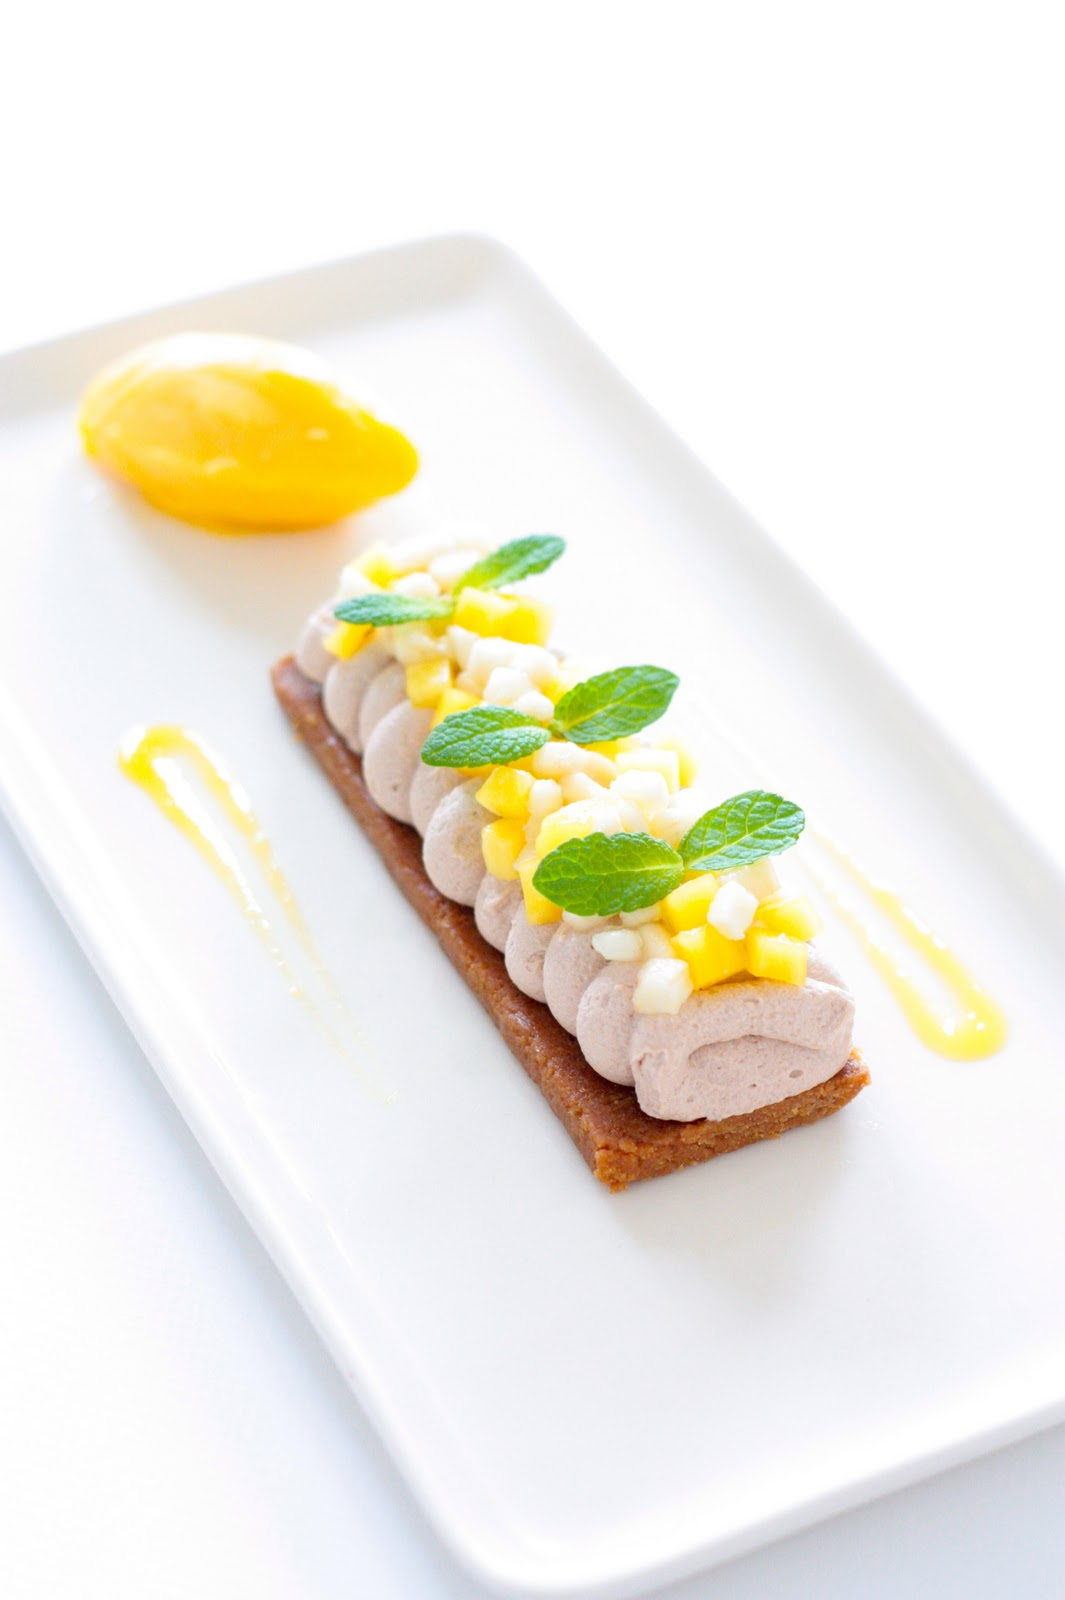 La pose gourmande concours cuisine attitude - France 3 cuisine gourmande ...